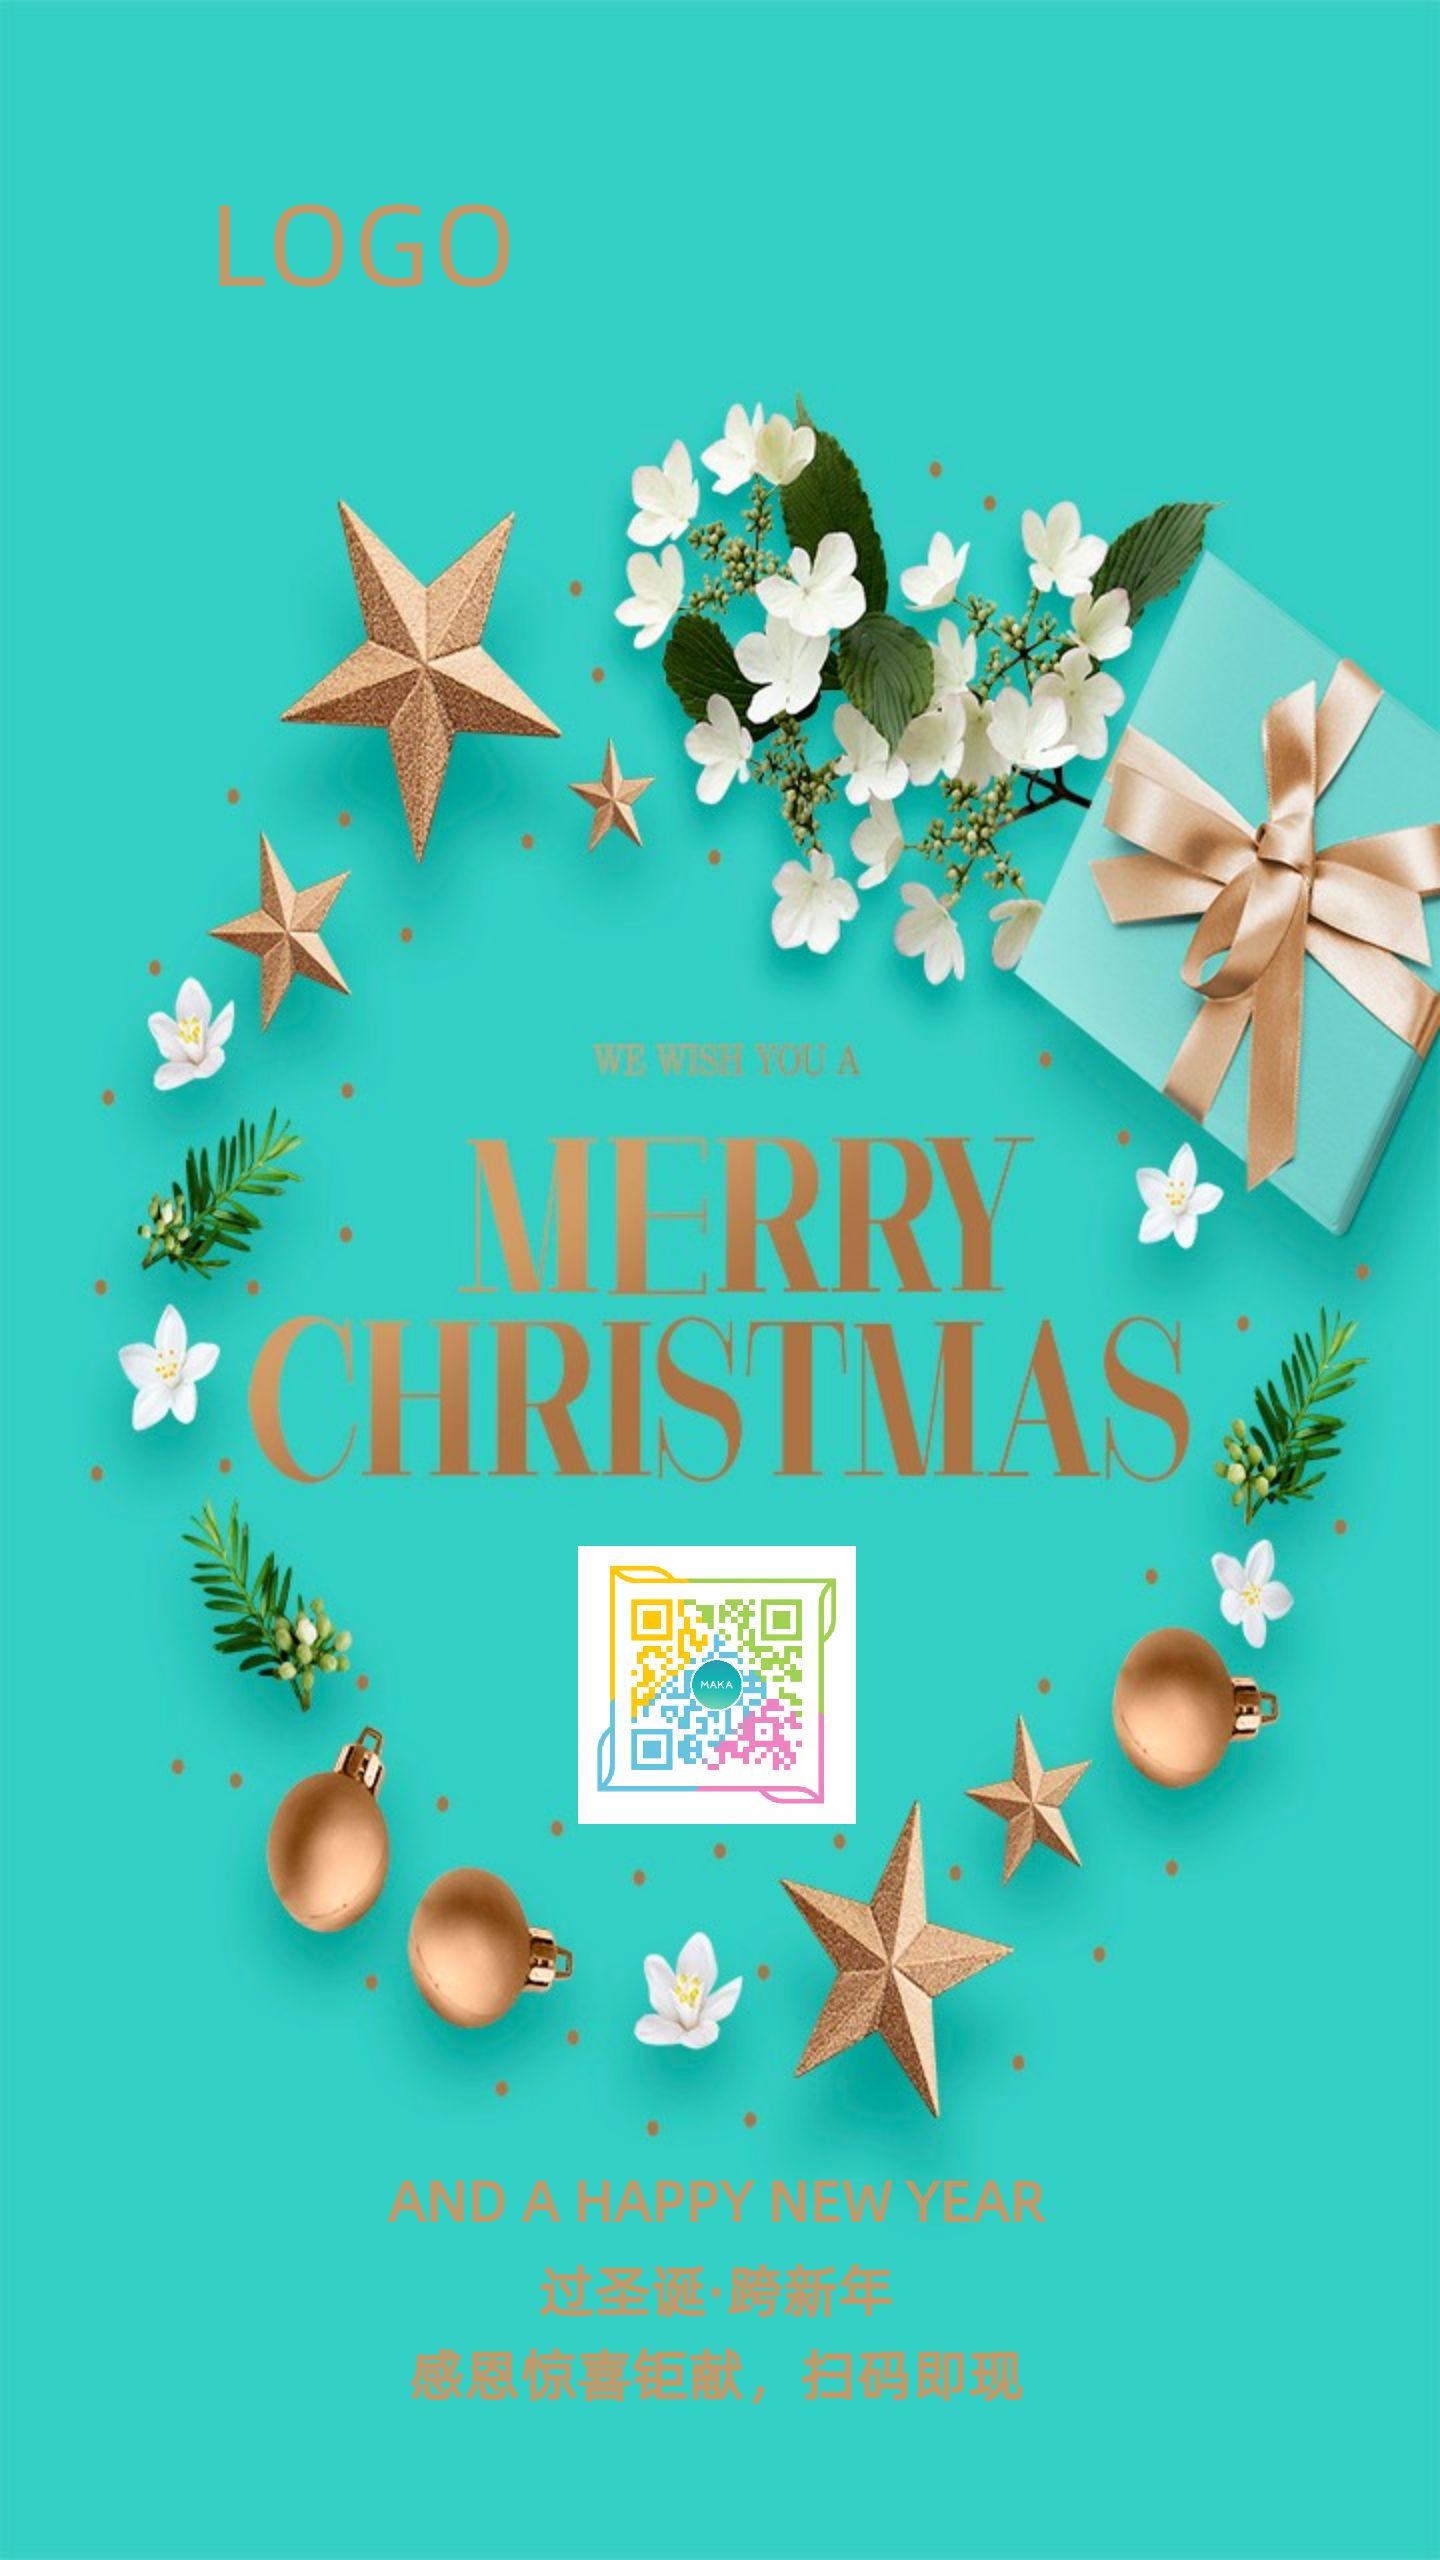 圣诞节派对邀请函清新蒂芙尼蓝色圣诞树礼物星星贺卡海报